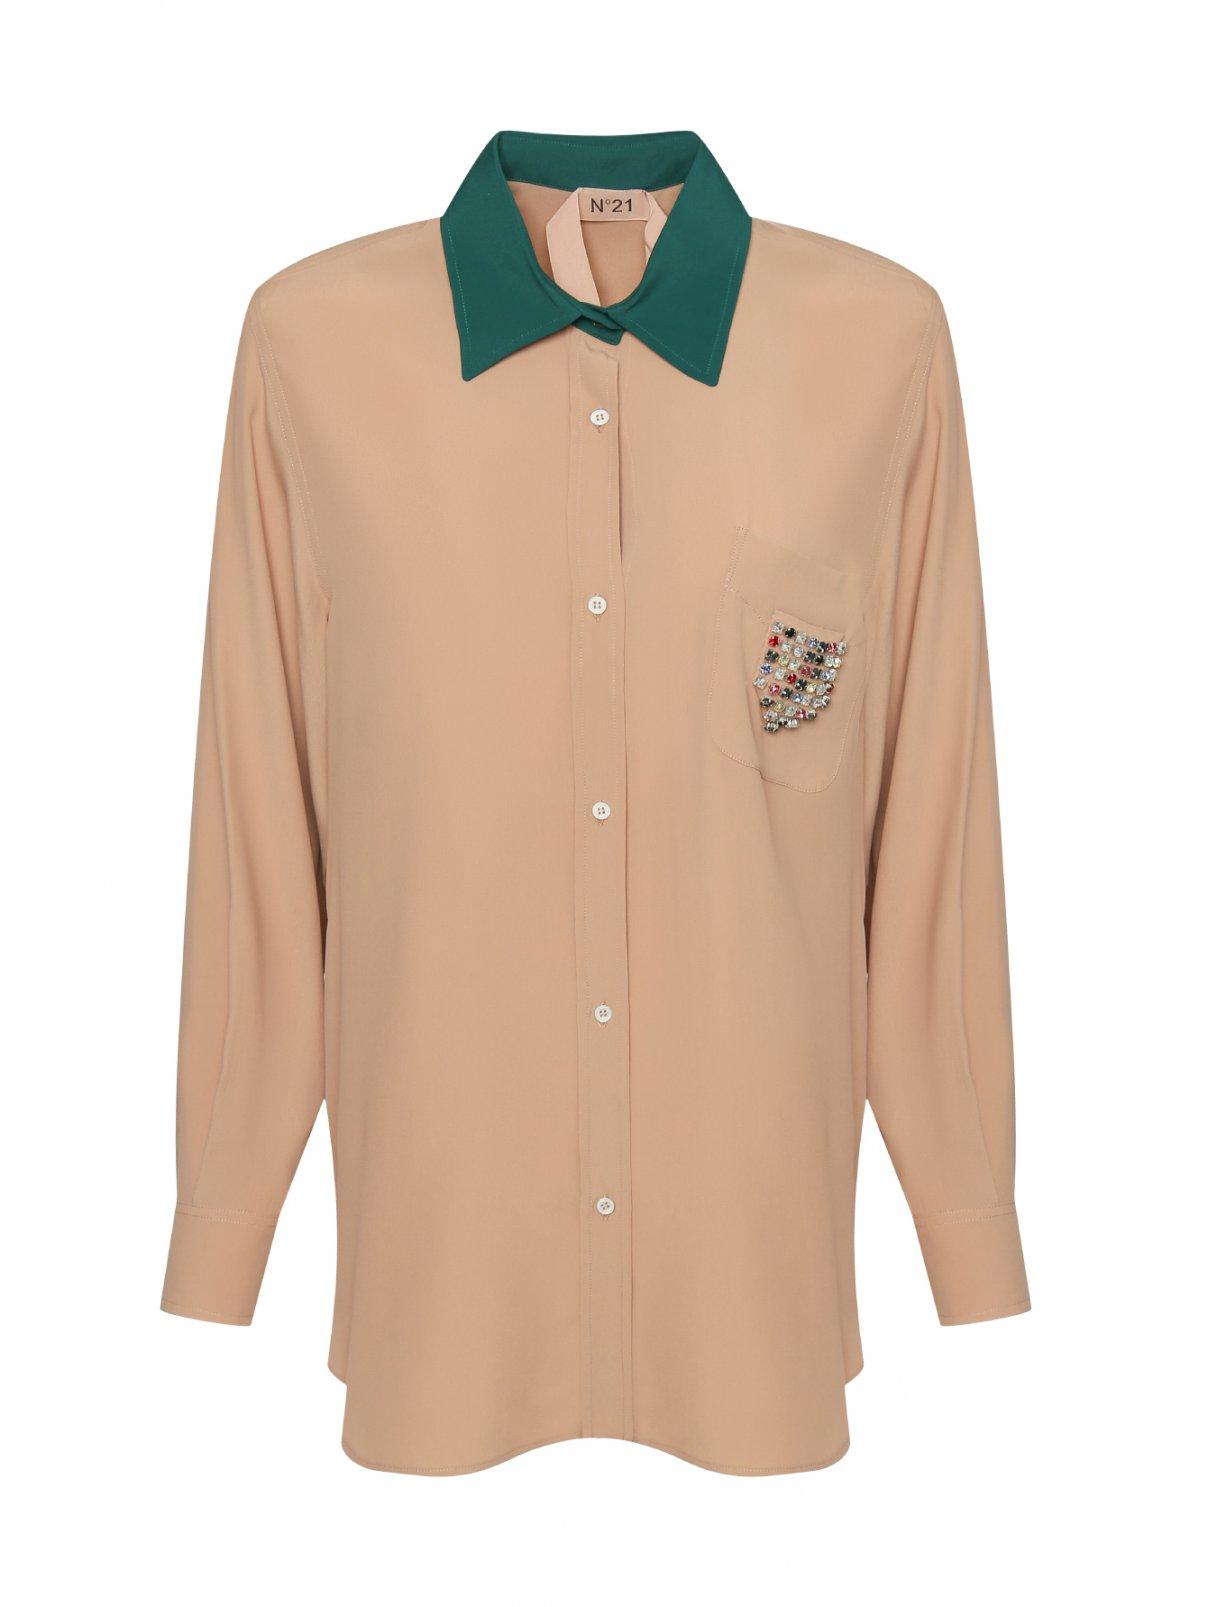 Удлиненная блуза из смешанного шелка декорированная стразами N21  –  Общий вид